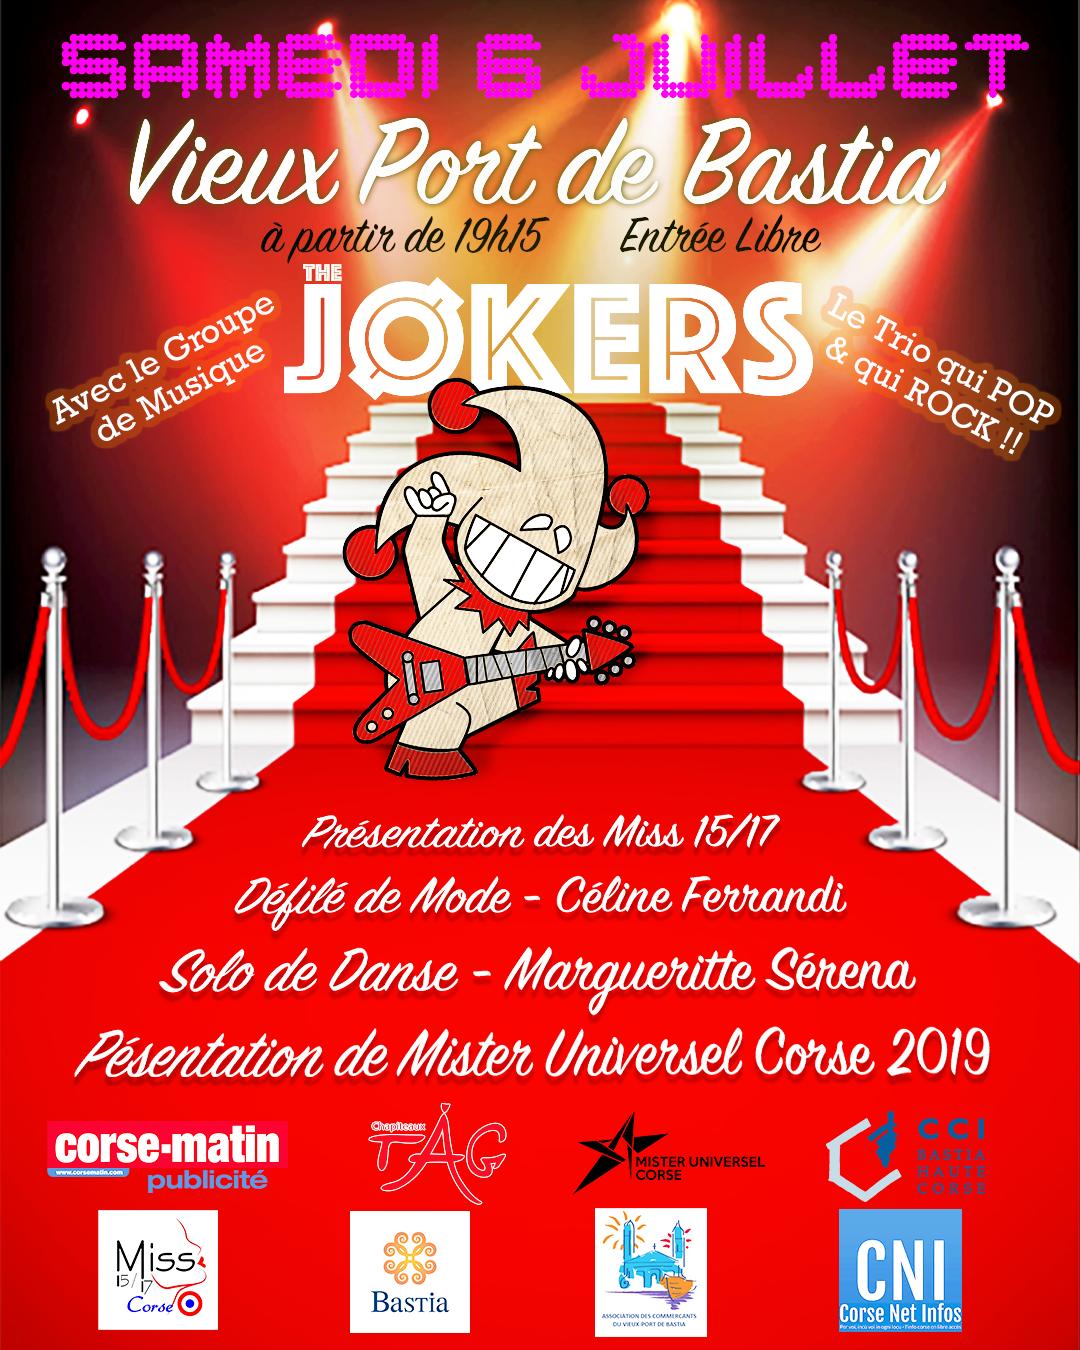 Vieux-Port de Bastia : concert gratuit du groupe The Jokers ce samedi 6 juillet